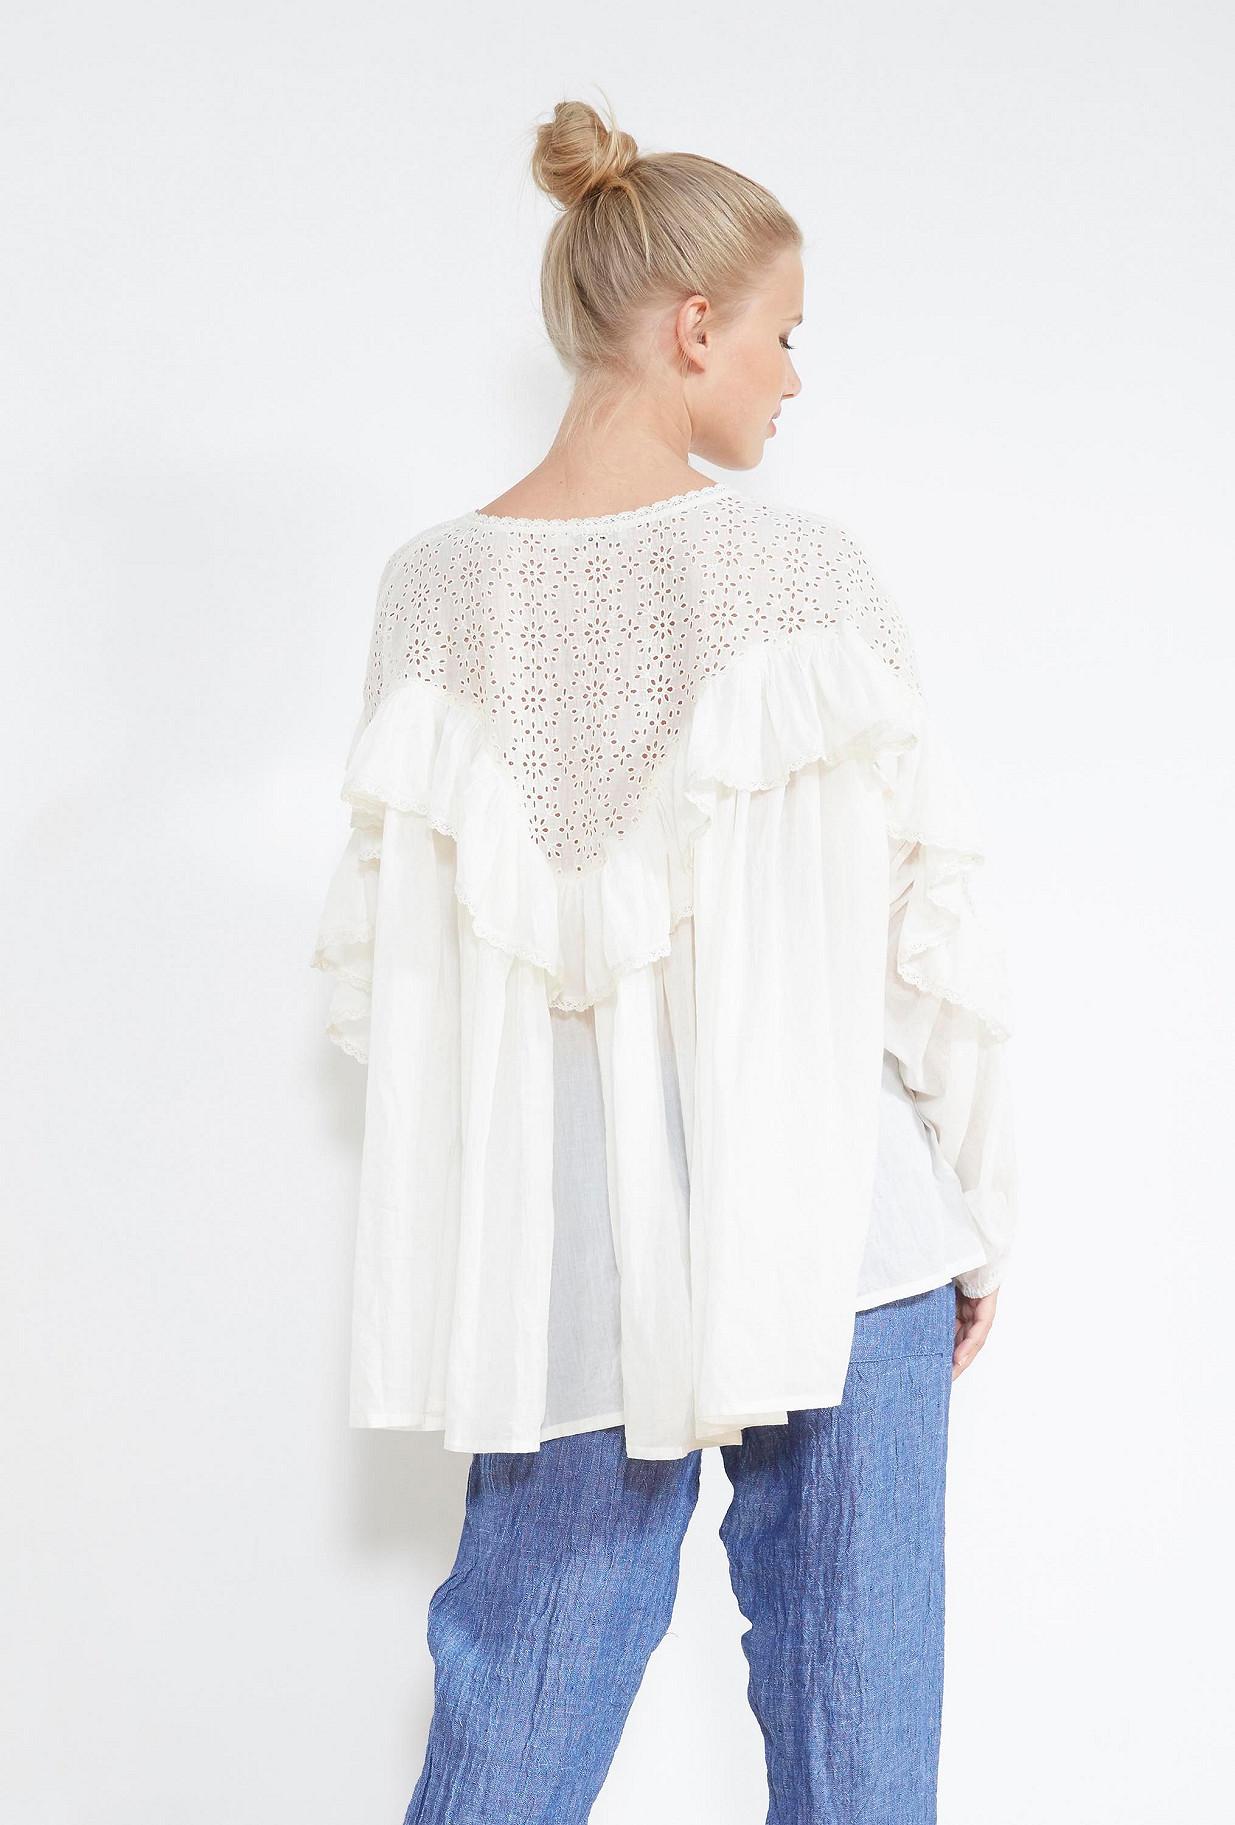 boutique de blouse femme ohara mode createur paris. Black Bedroom Furniture Sets. Home Design Ideas